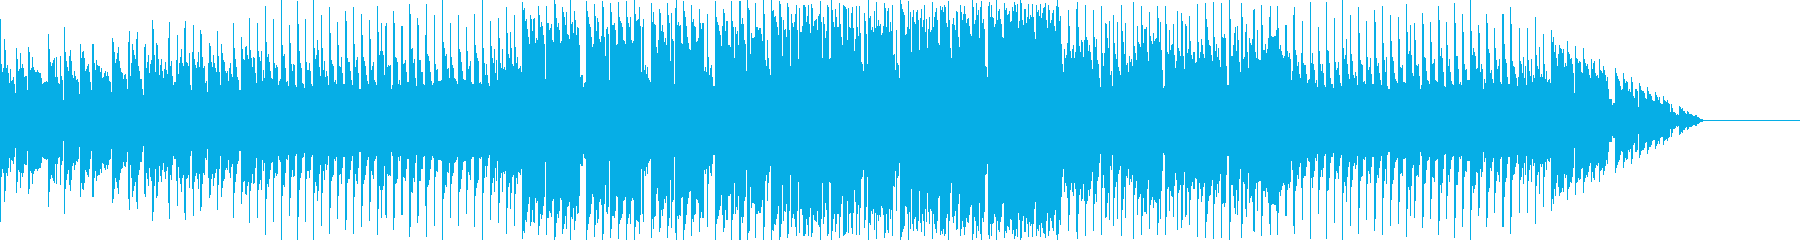 パズルゲームのプレイ画面の再生済みの波形